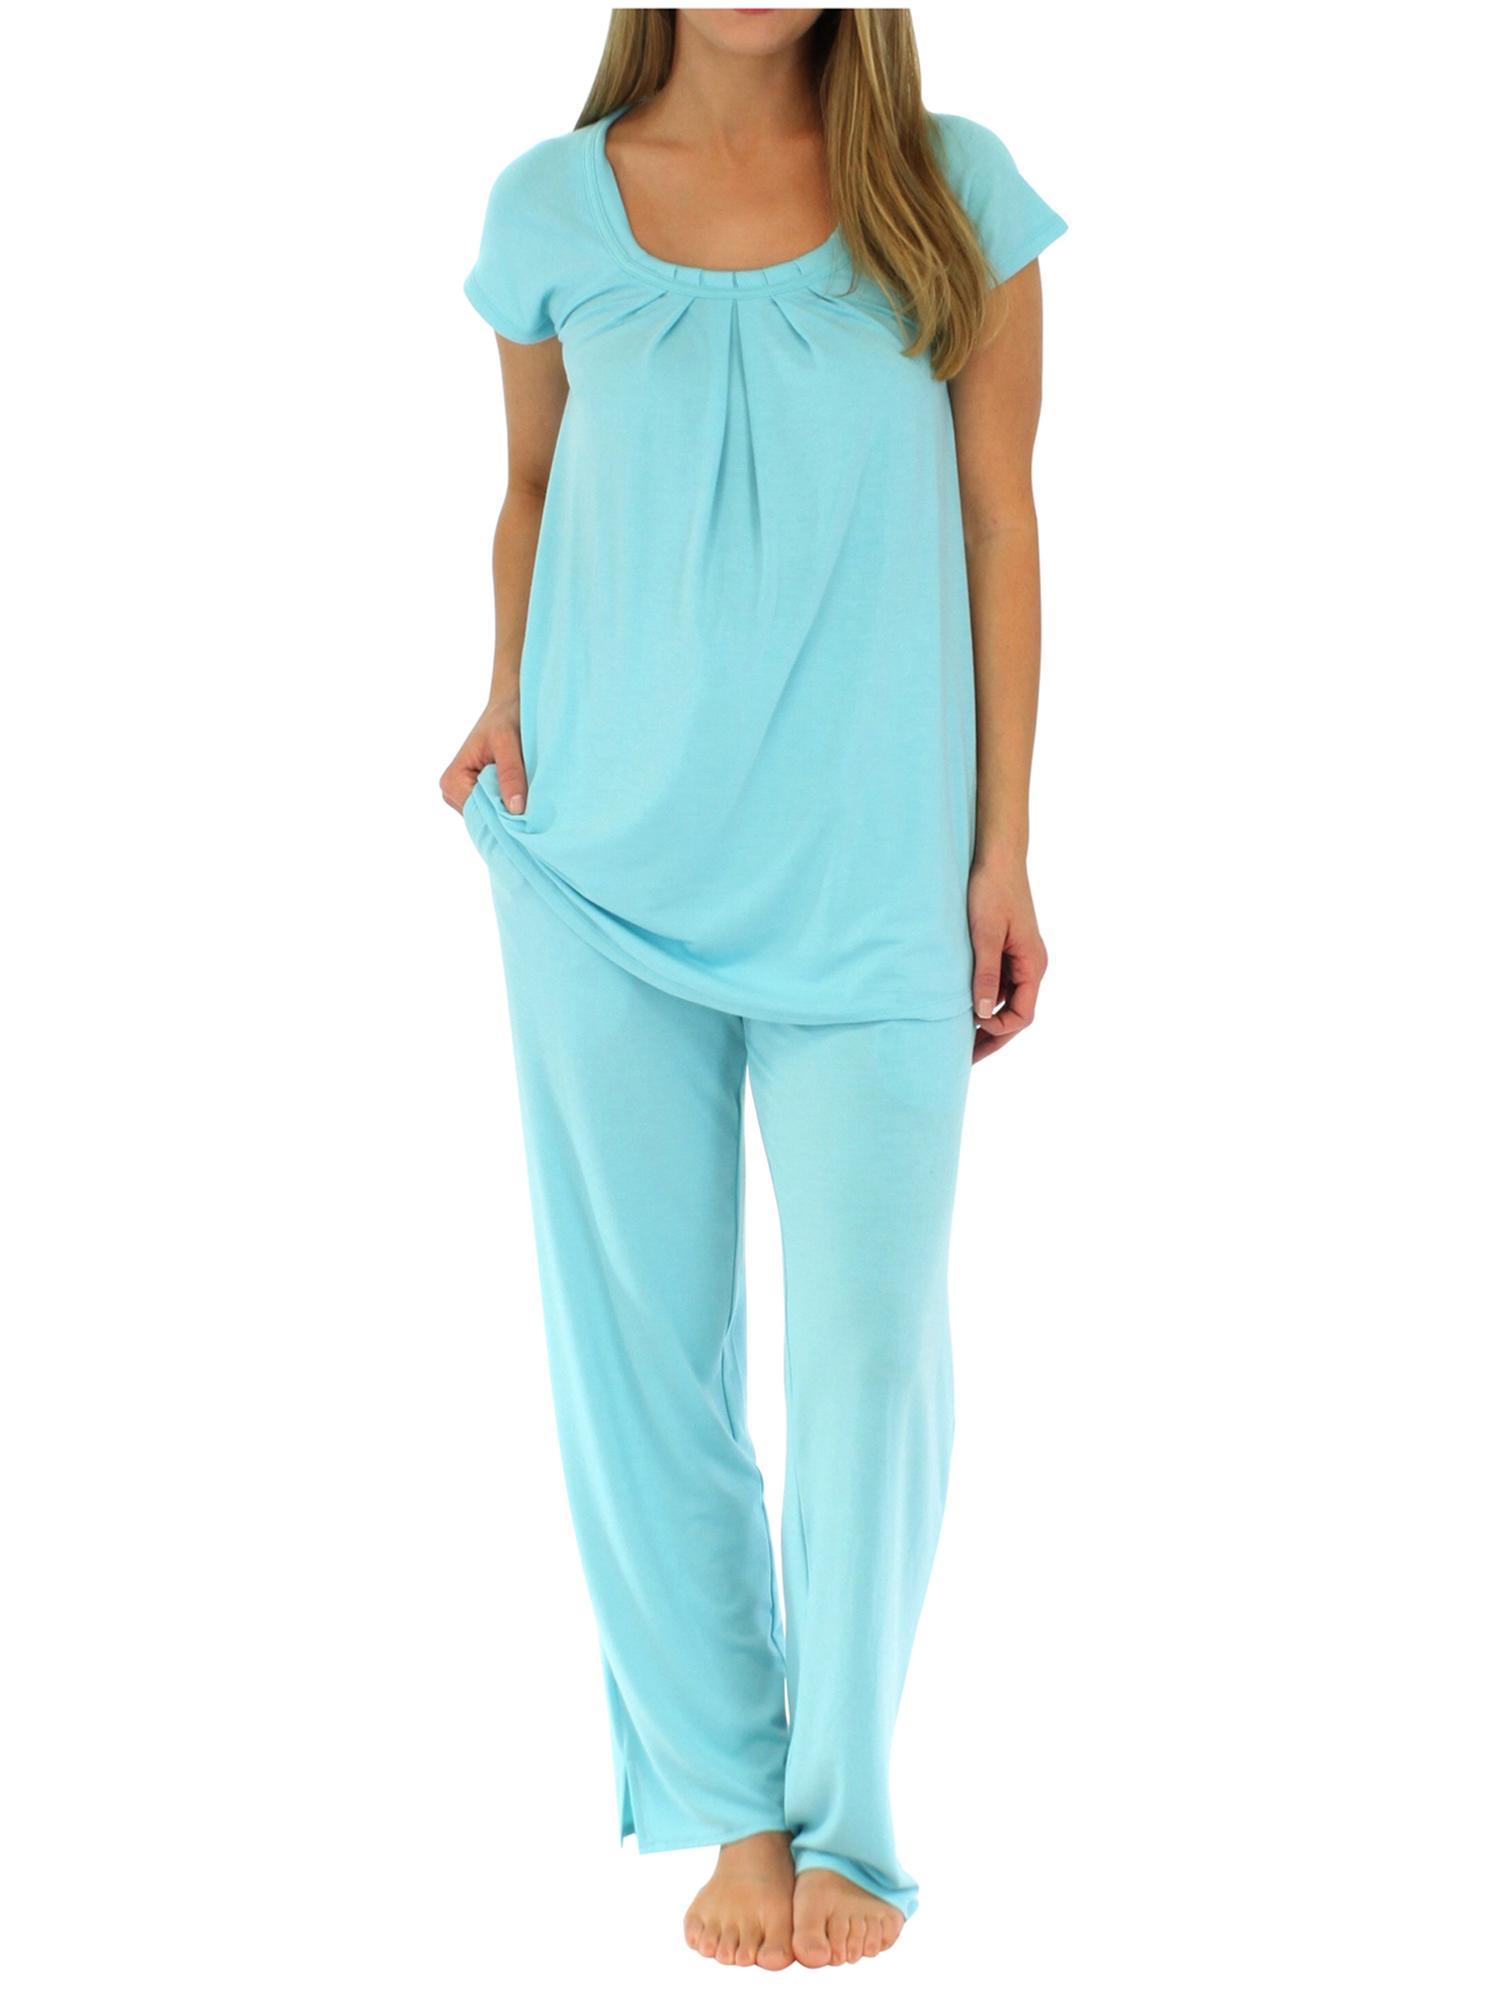 PajamaMania Women's Sleepwear Short Sleeve Pajamas PJ Set